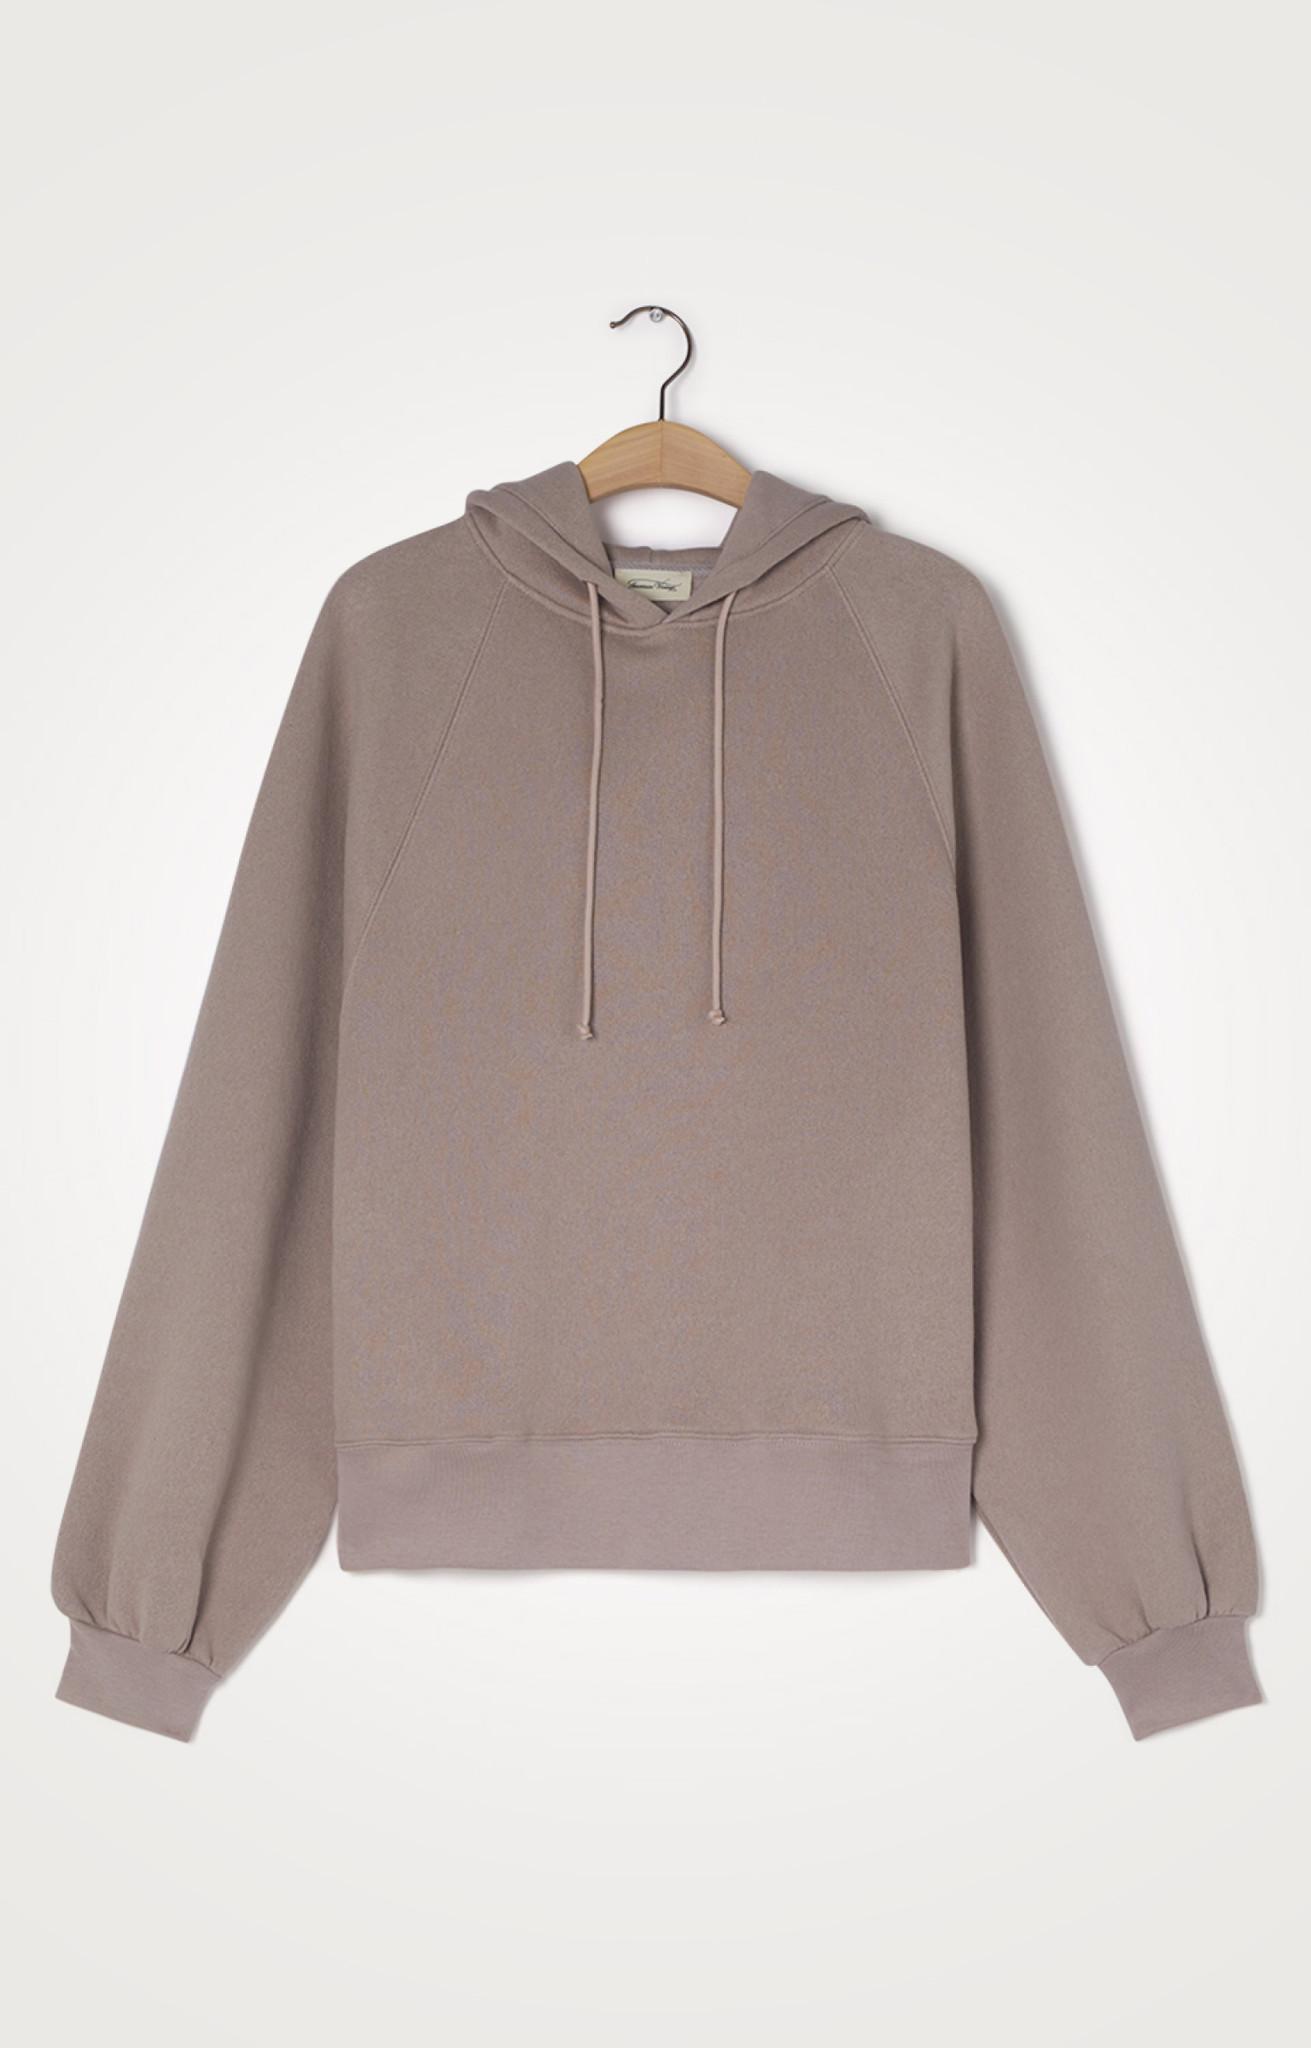 Ikatown Sweater - Taupe-1